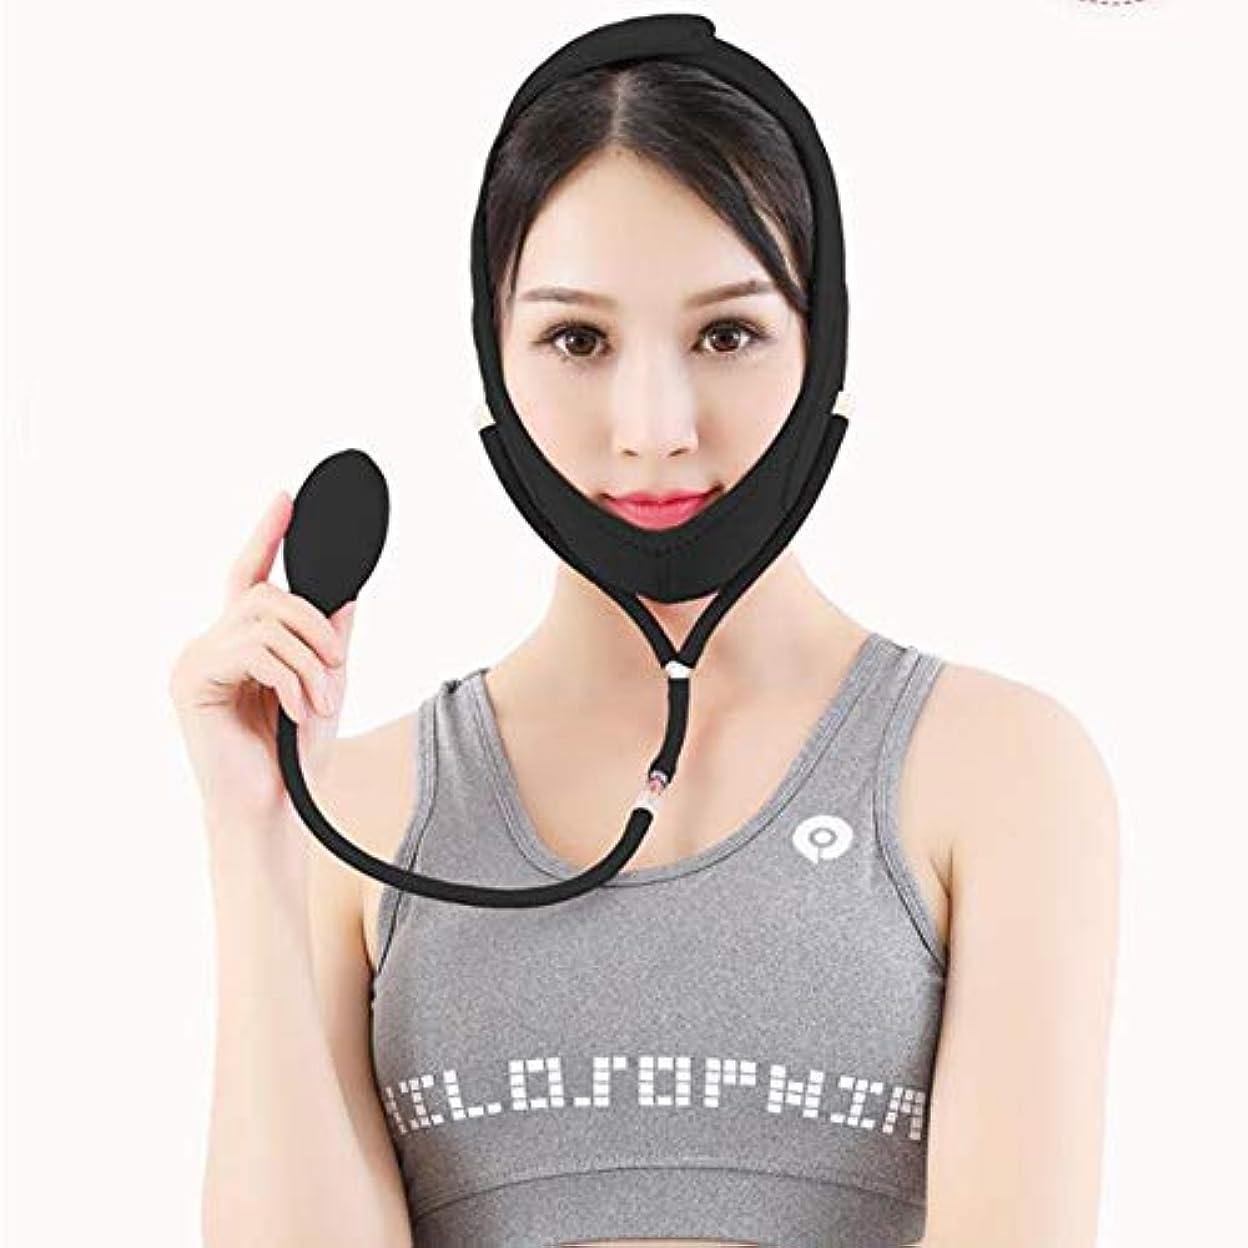 仕える農奴面倒GYZ フェイシャルリフティング痩身ベルトダブルエアバッグ圧力調整フェイス包帯マスク整形マスクが顔を引き締める Thin Face Belt (Color : Black, Size : M)